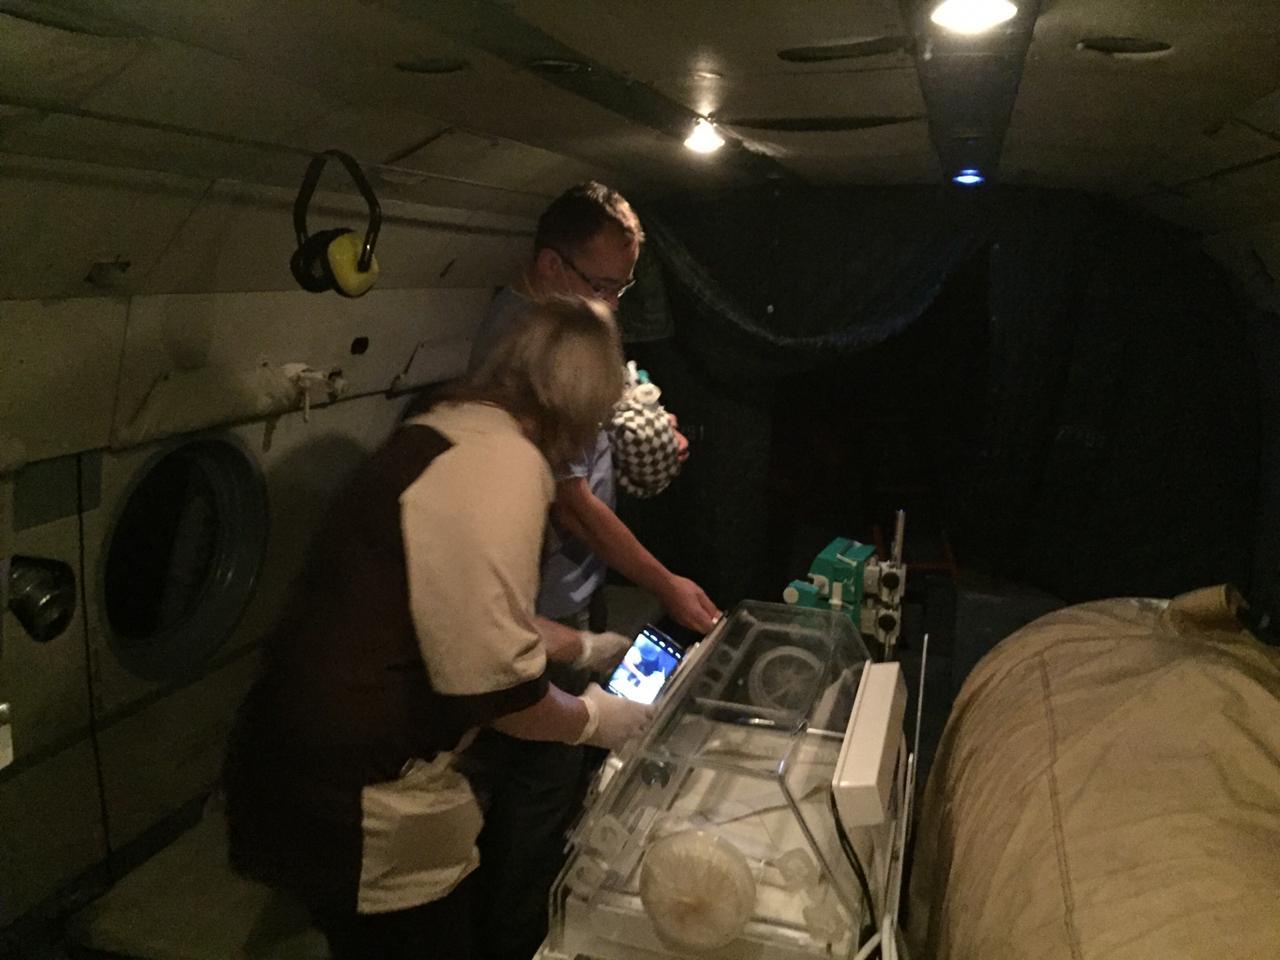 В Тверь из Лесного вертолетом МЧС доставили ребенка с пороком сердца - новости Афанасий